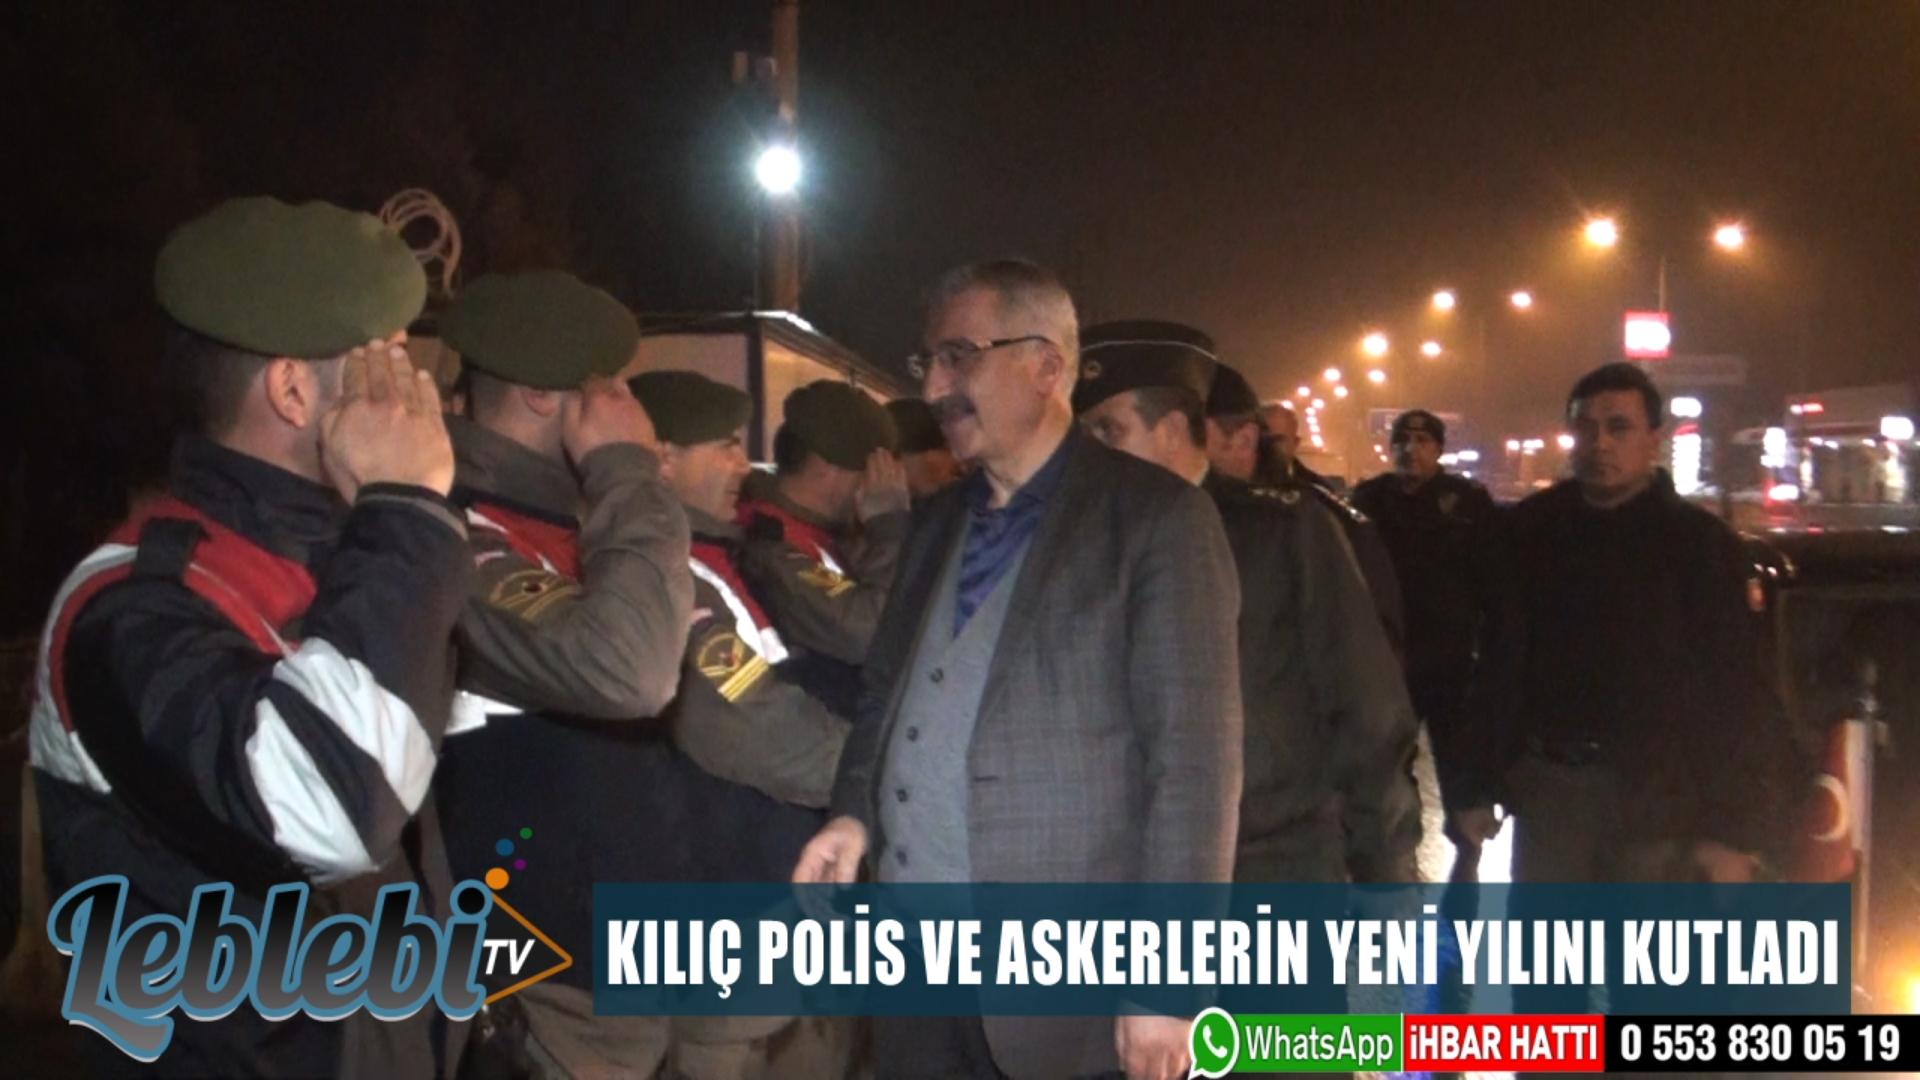 KILIÇ POLİS VE ASKERLERİN YENİ YILINI KUTLADI